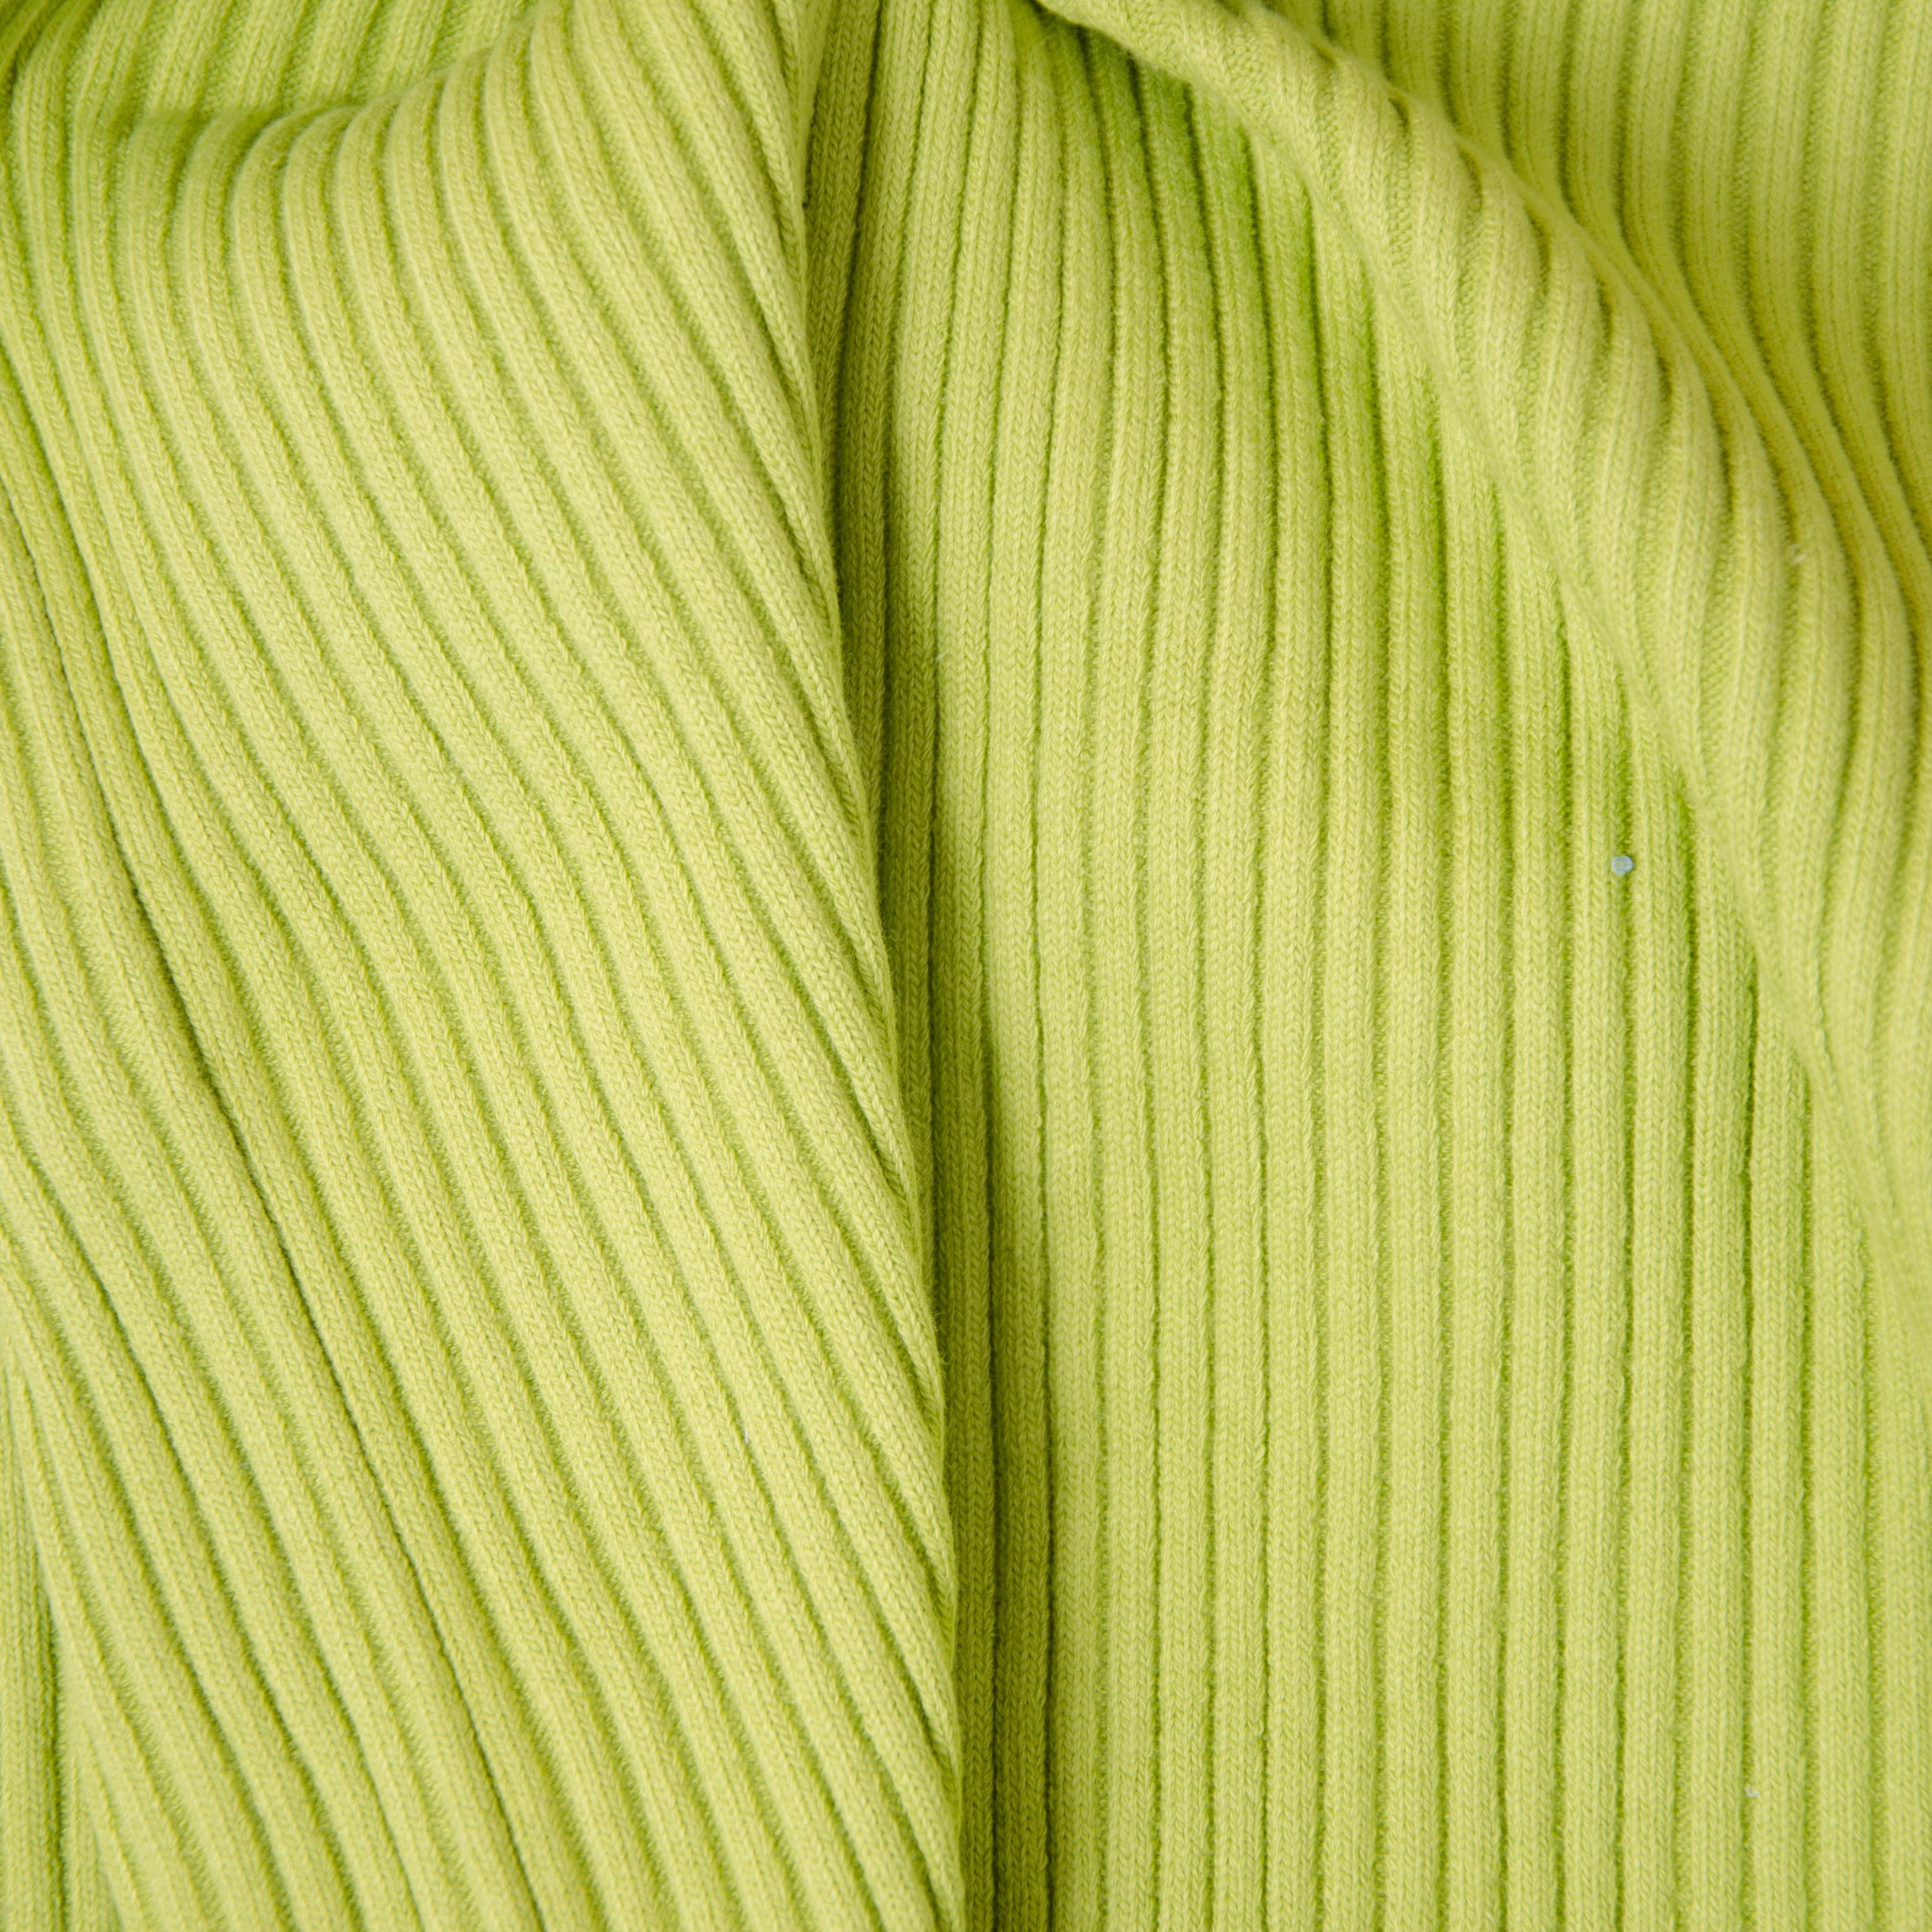 Rippenbündchen - Heavy Rib hellgrün